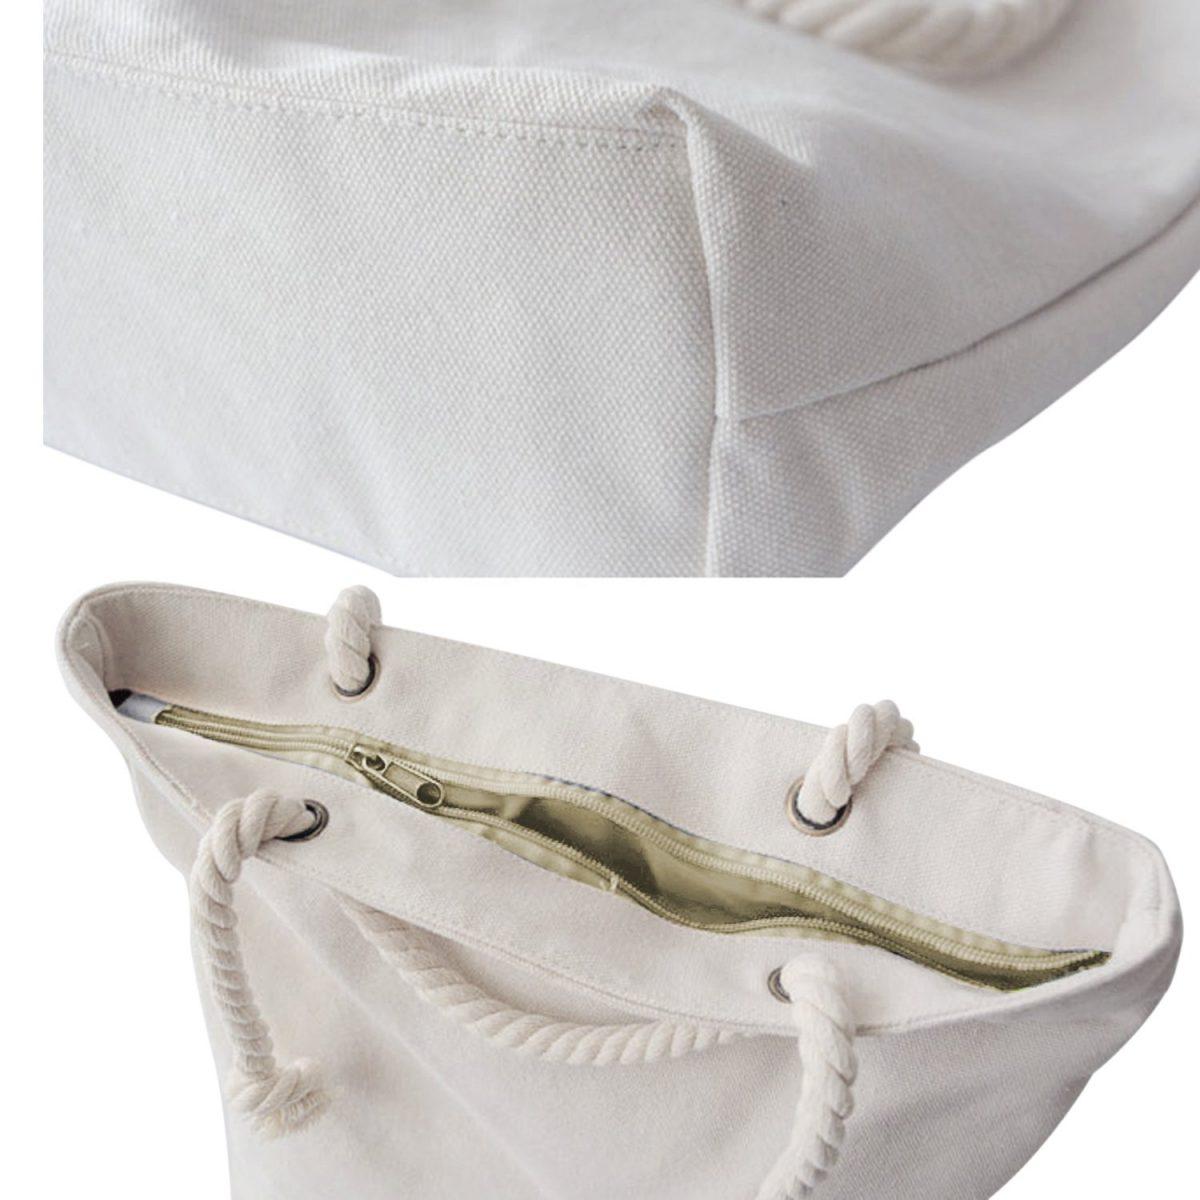 Mor Sarmaşık Desenli Dijital Baskılı Fermuarlı Modern Kumaş Çanta Realhomes